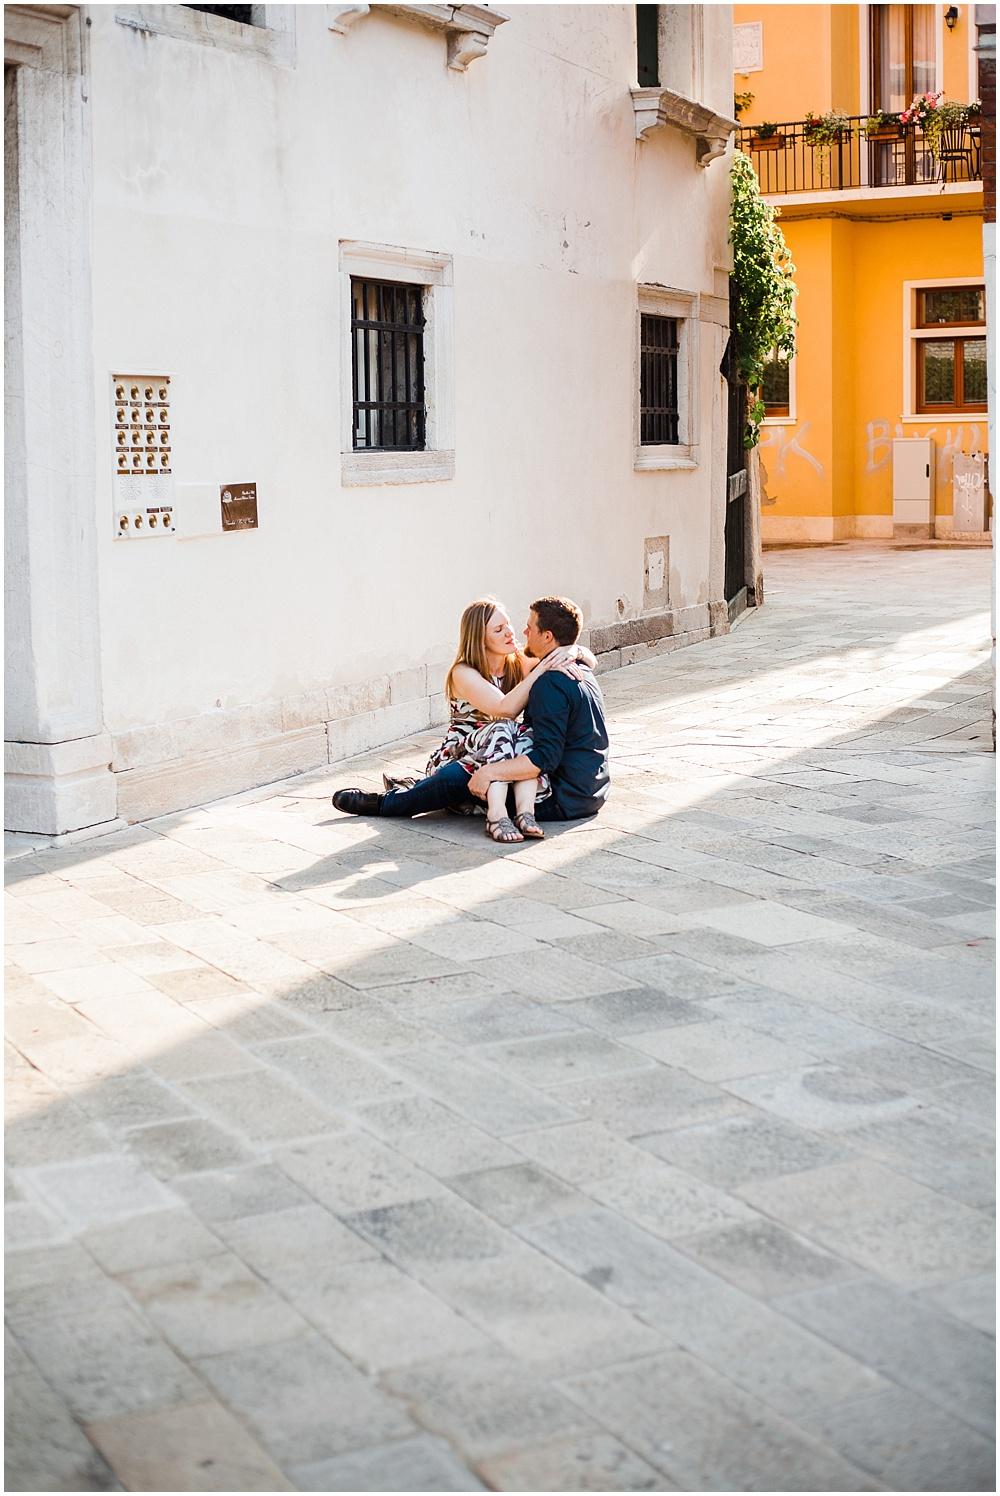 couple--wedding-photographer-venice-stefano-degirmenci_0026.jpg